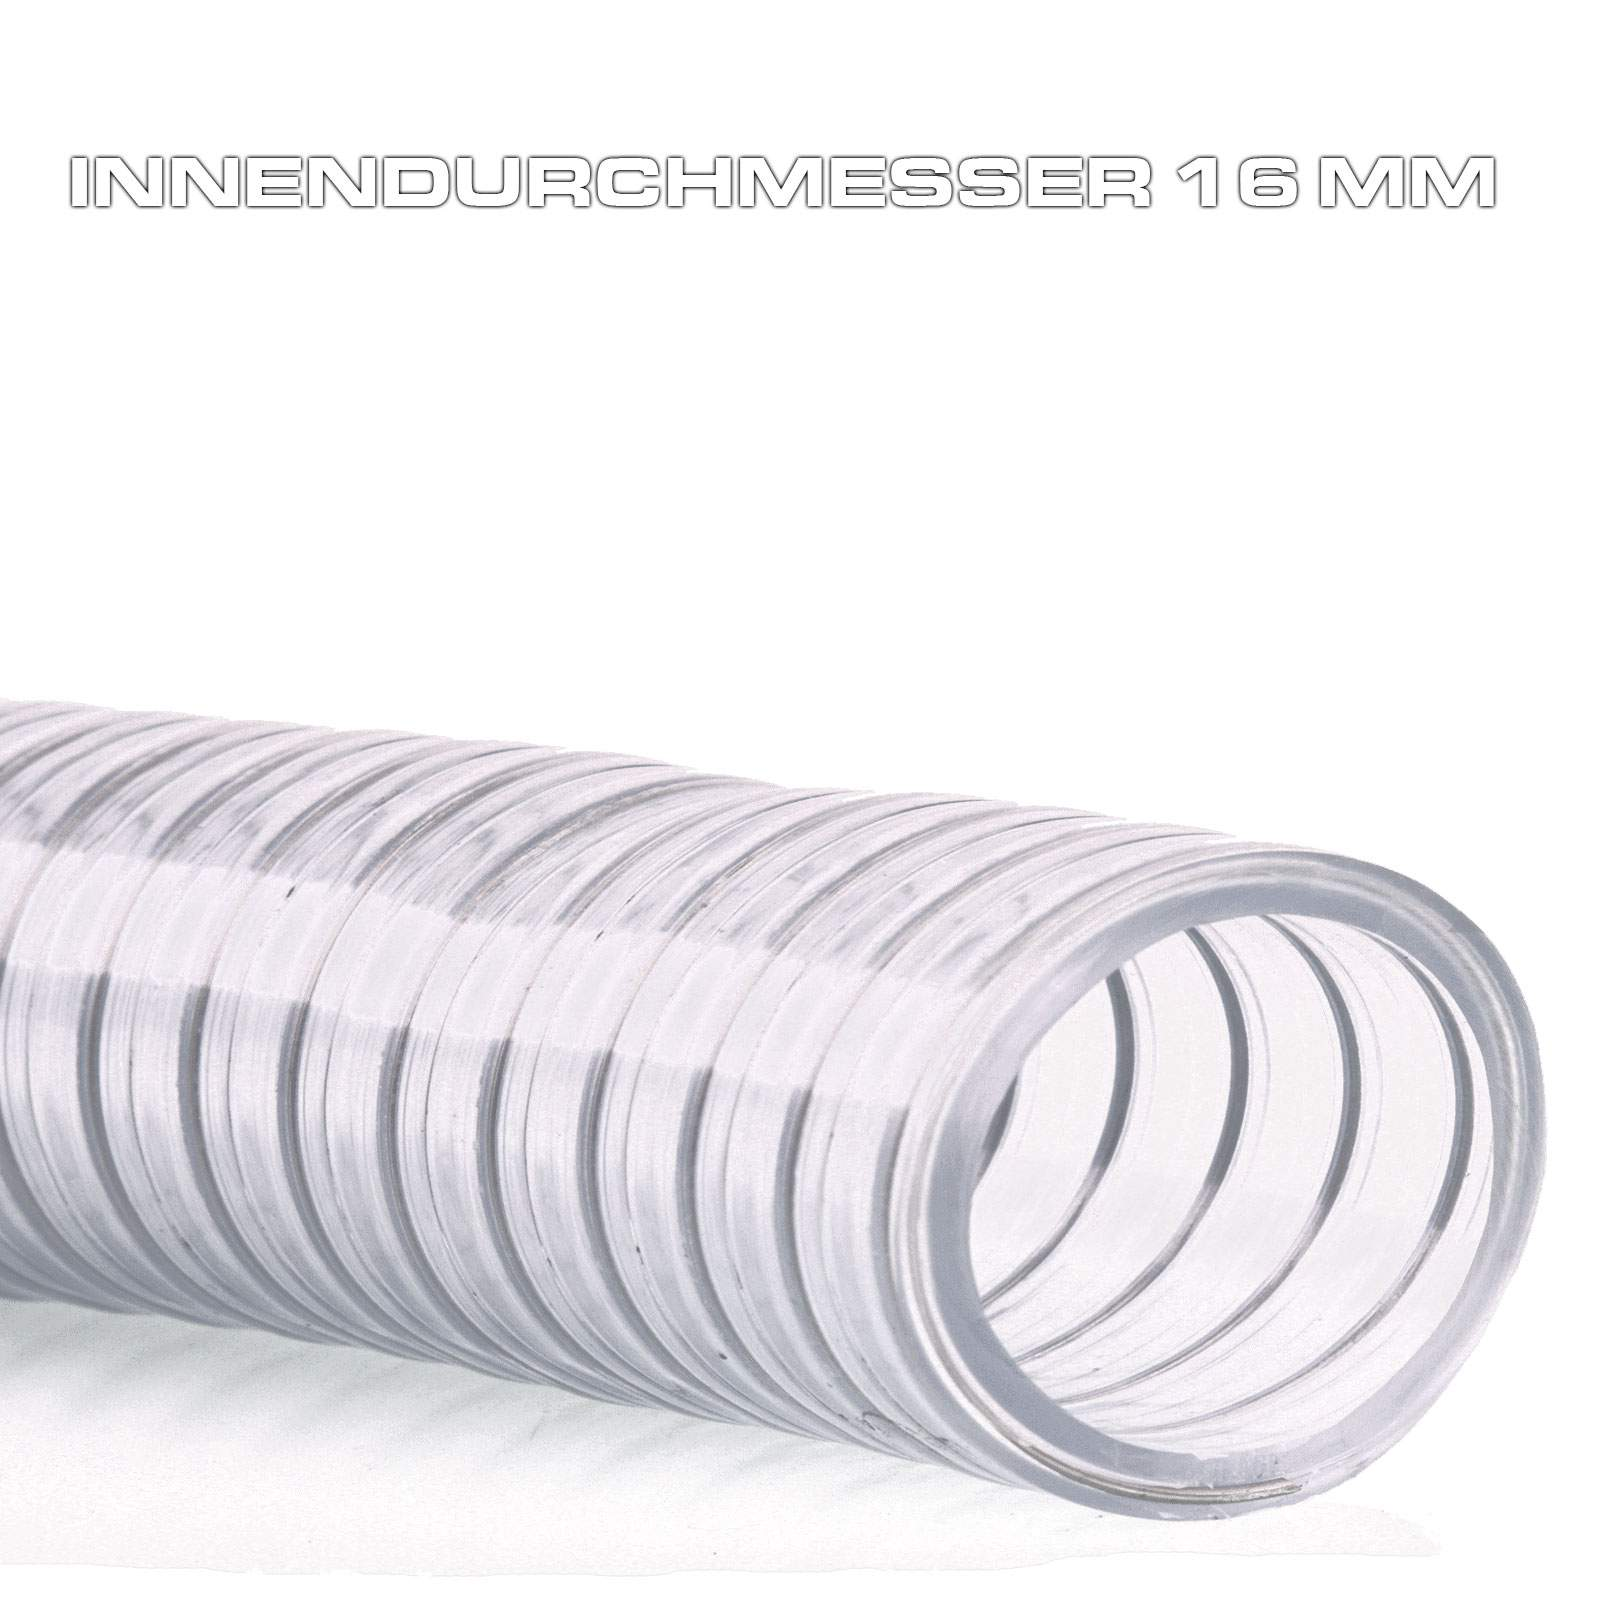 saugschlauch spiralschlauch abwasserschlauch stahlspirale transparent fl ga